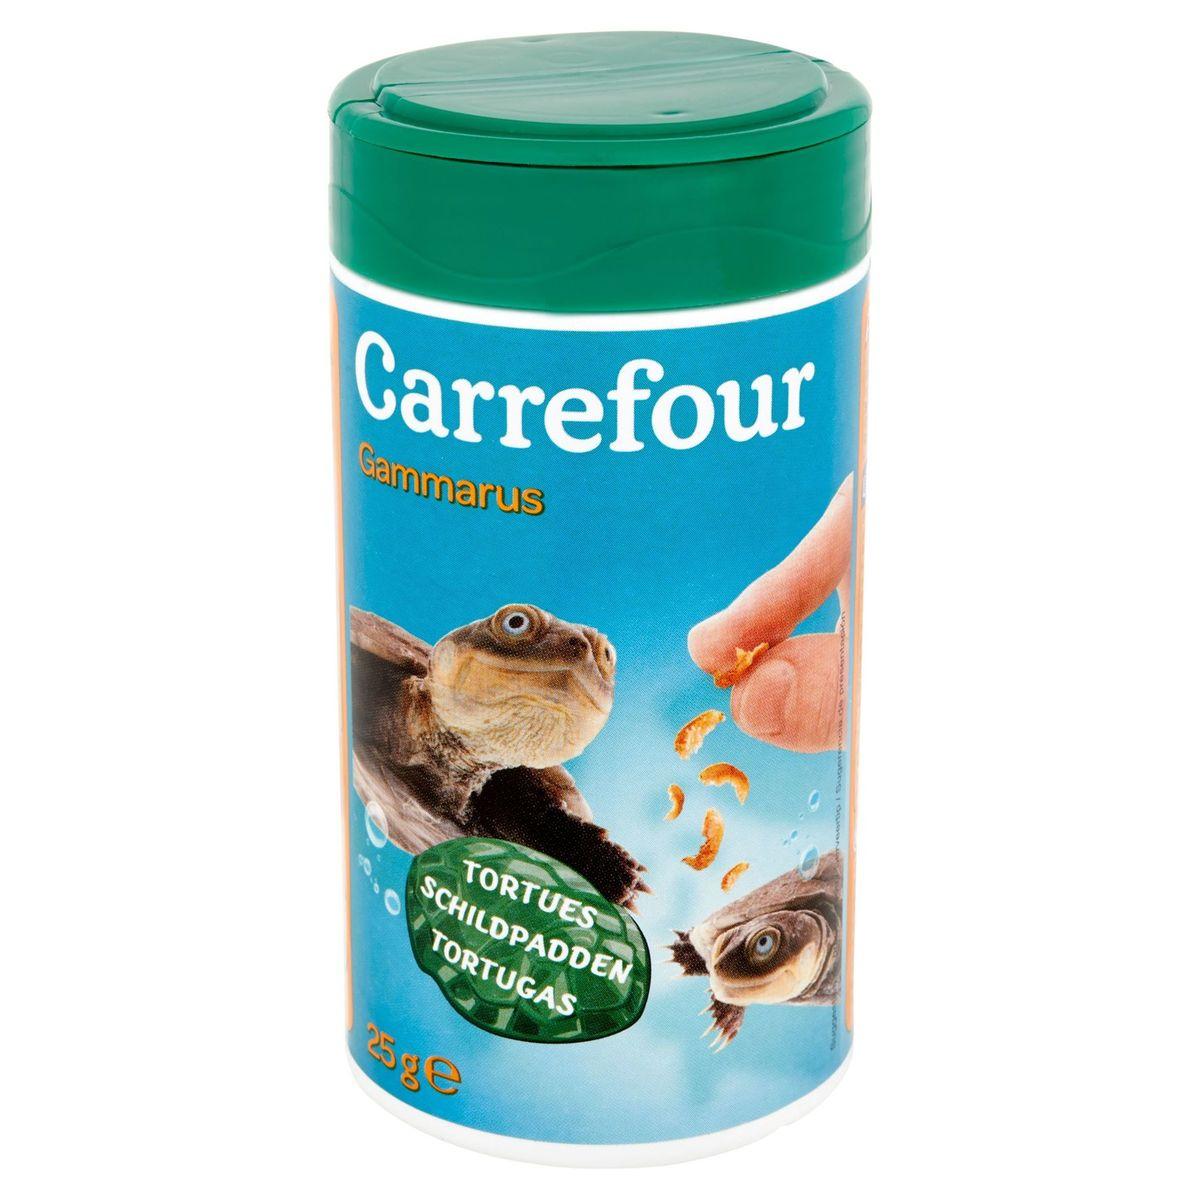 Carrefour Gammarus Schildpadden 25 g